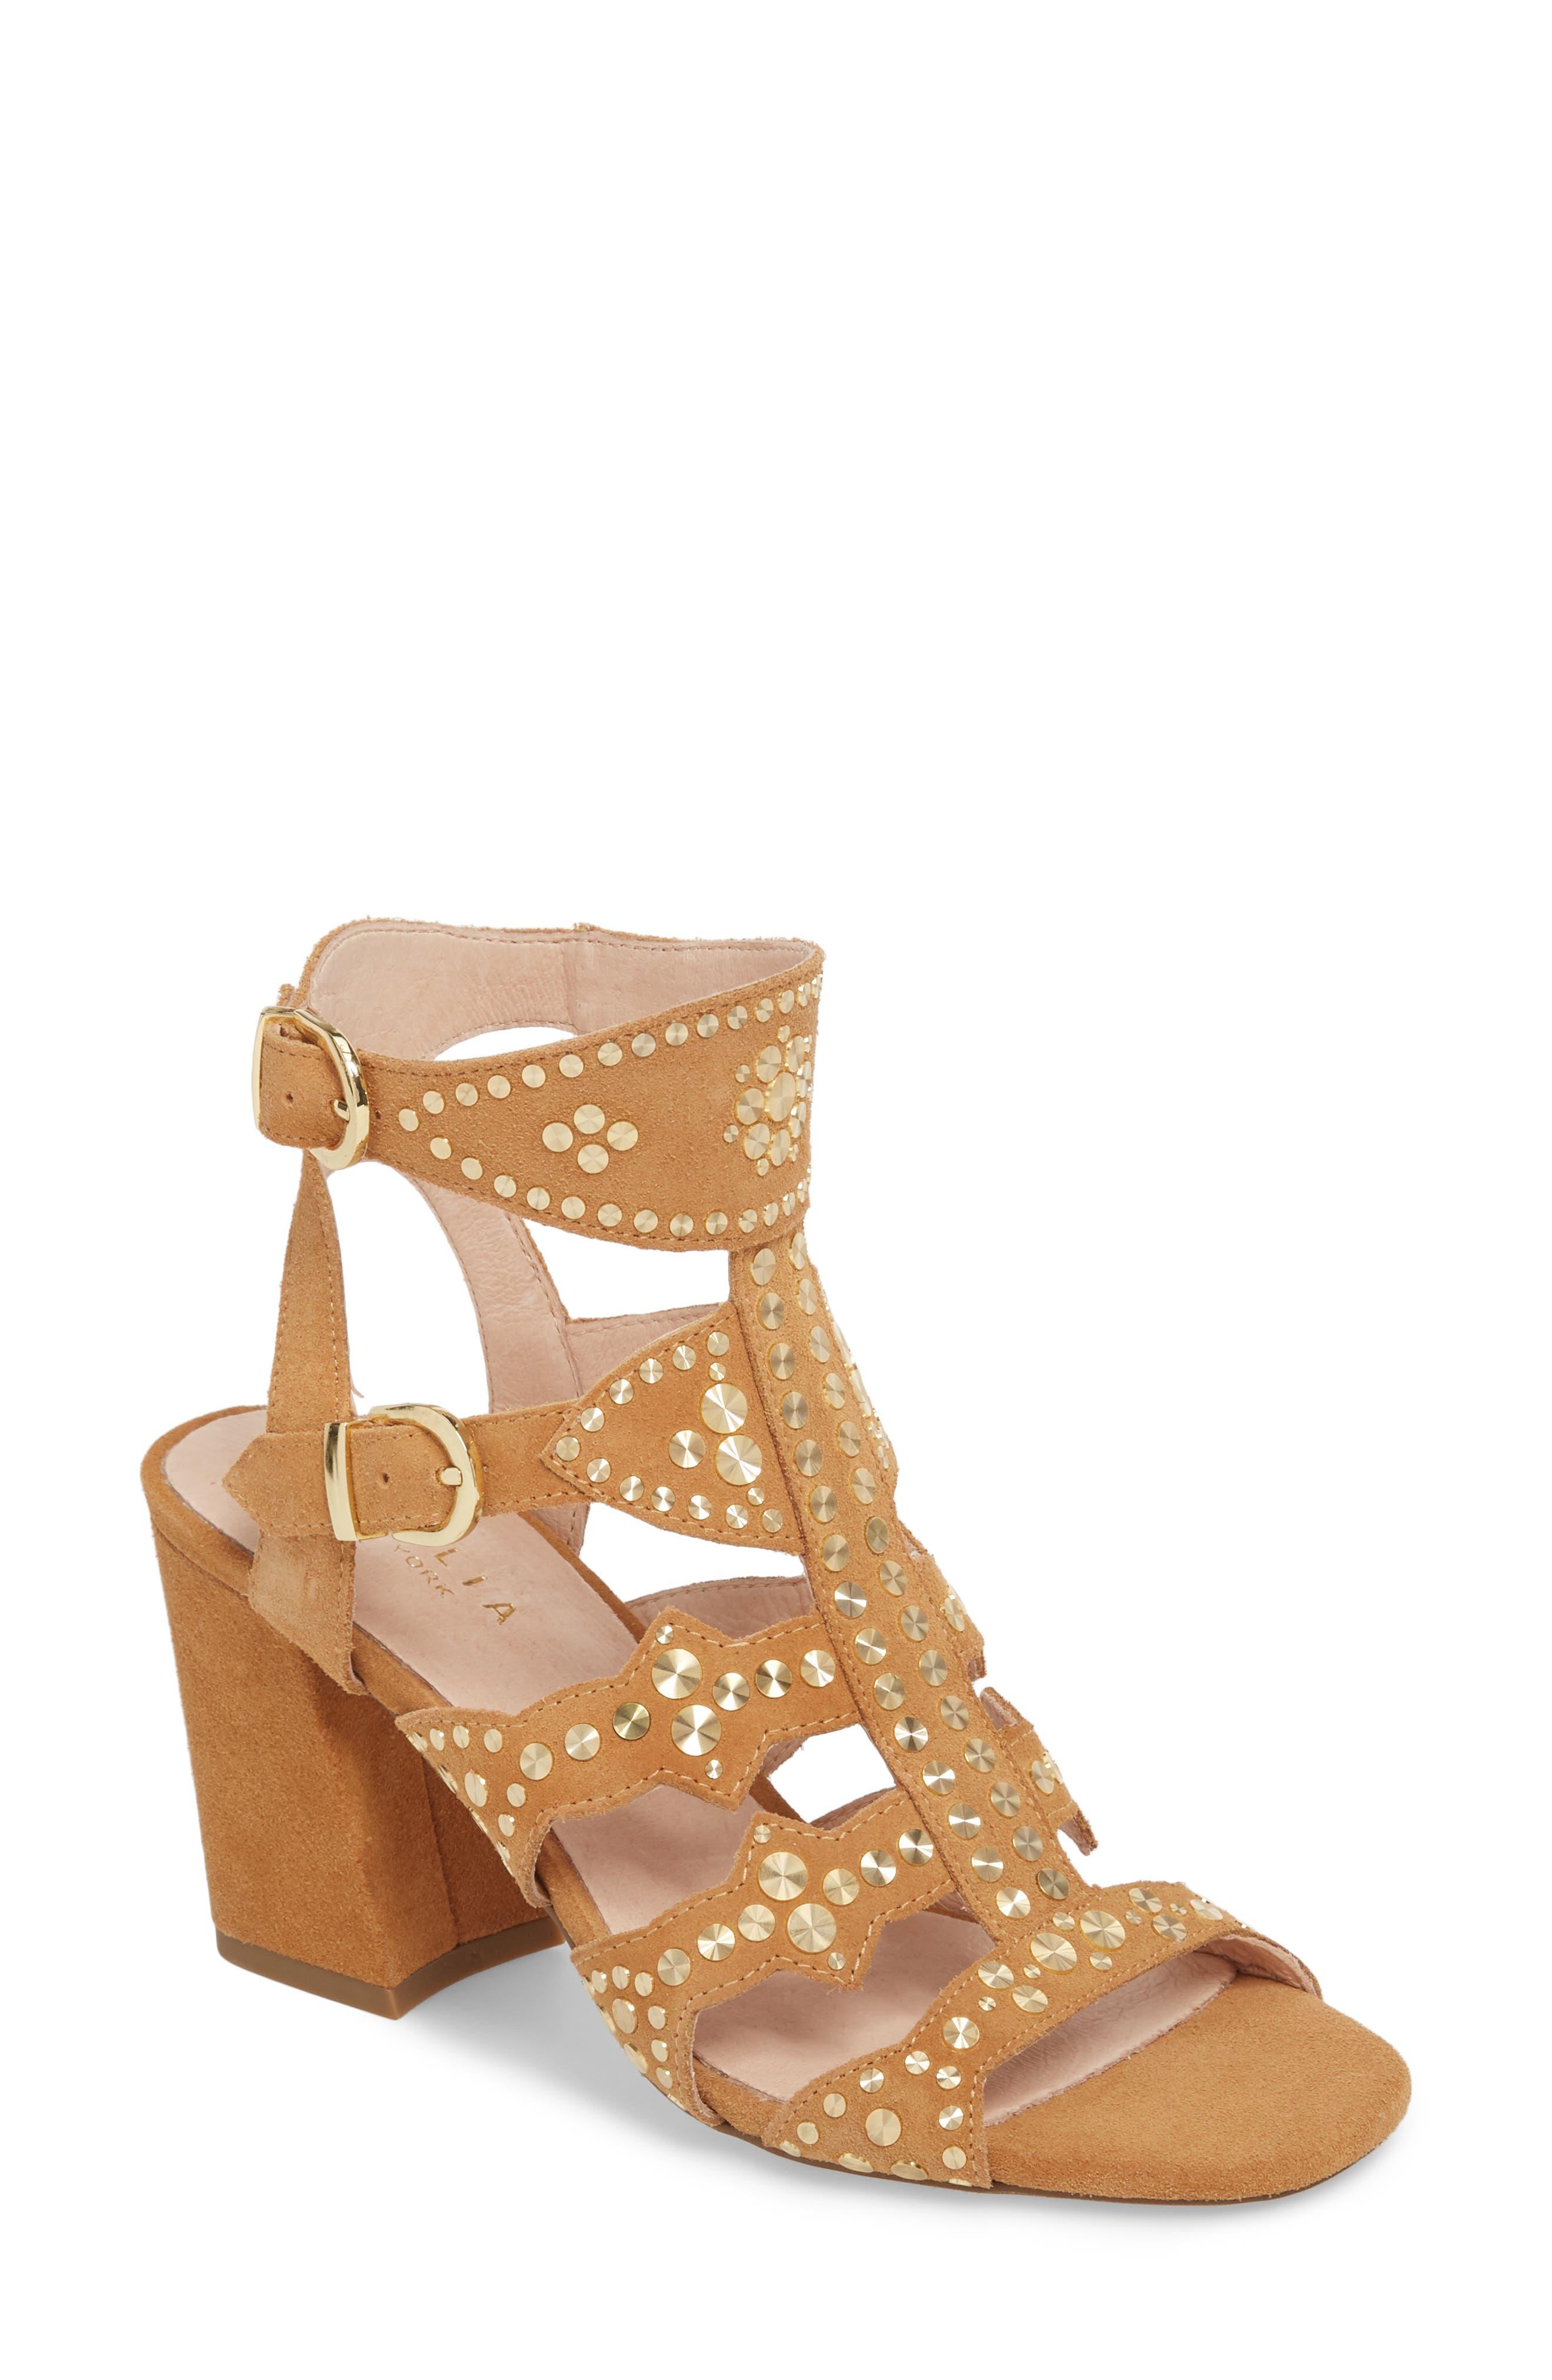 Cecelia New York Cosmo Studded Sandal, Brown